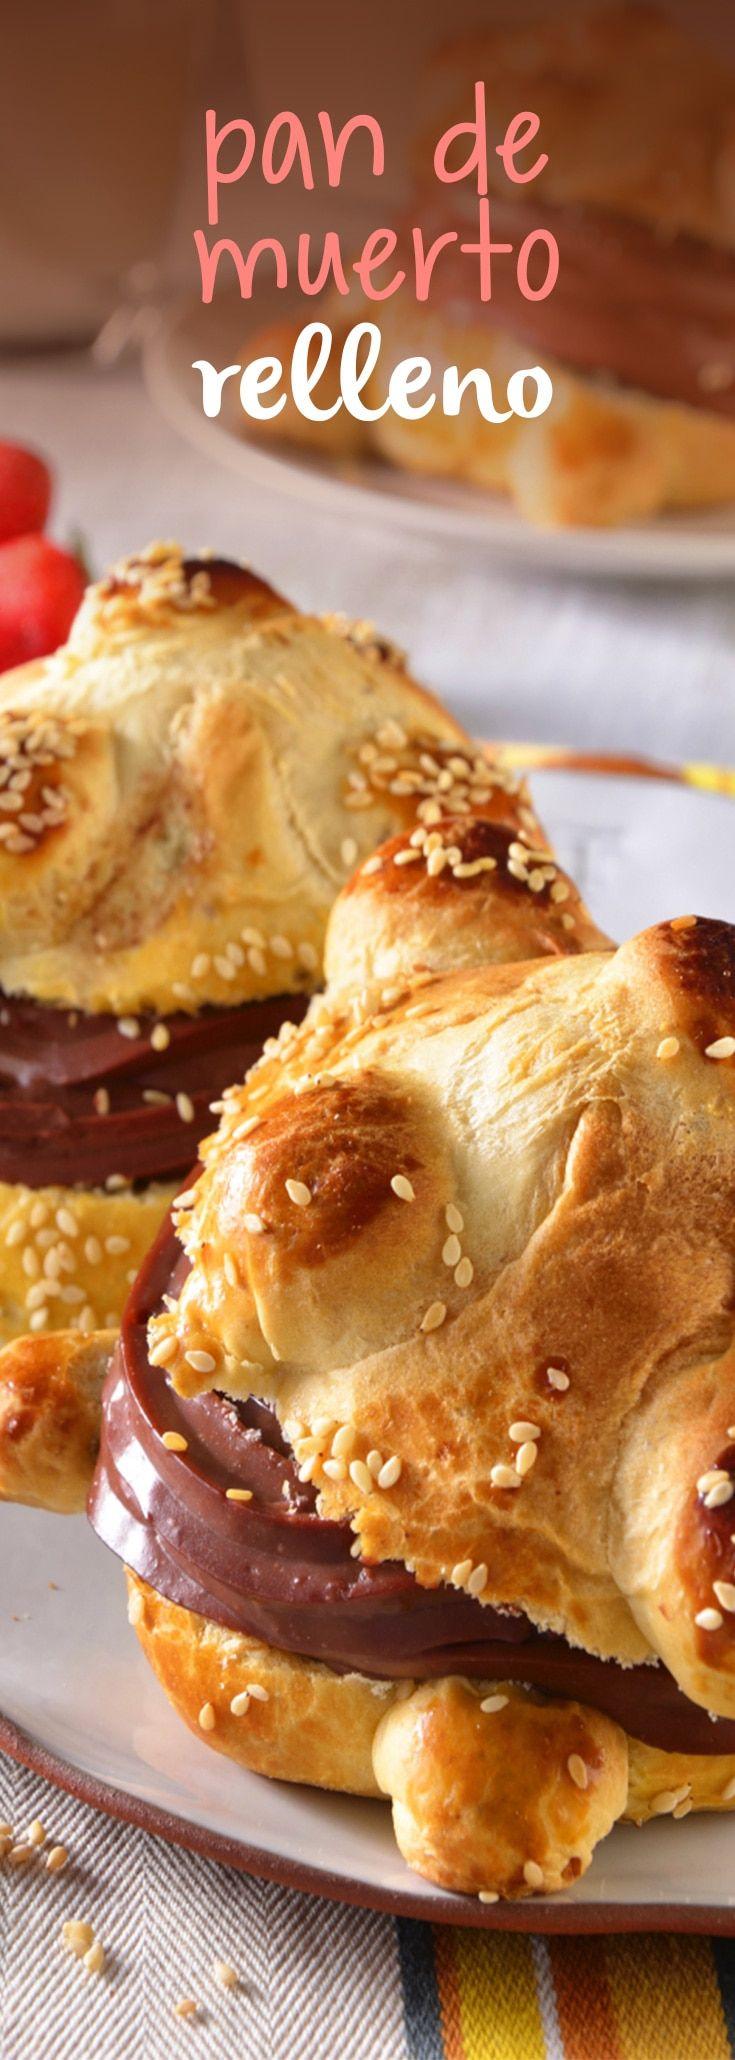 Prepara esta temporada un delicioso pan de muerto relleno de chocolate. Este delicioso postre es ideal para disfrutar en familia. No dejes de probarla, ¡te encantará! Mexican Sweet Breads, Mexican Food Recipes, Brioche Bread, Bread And Pastries, Deli, Bagel, Doughnut, Bread Recipes, Easy Meals